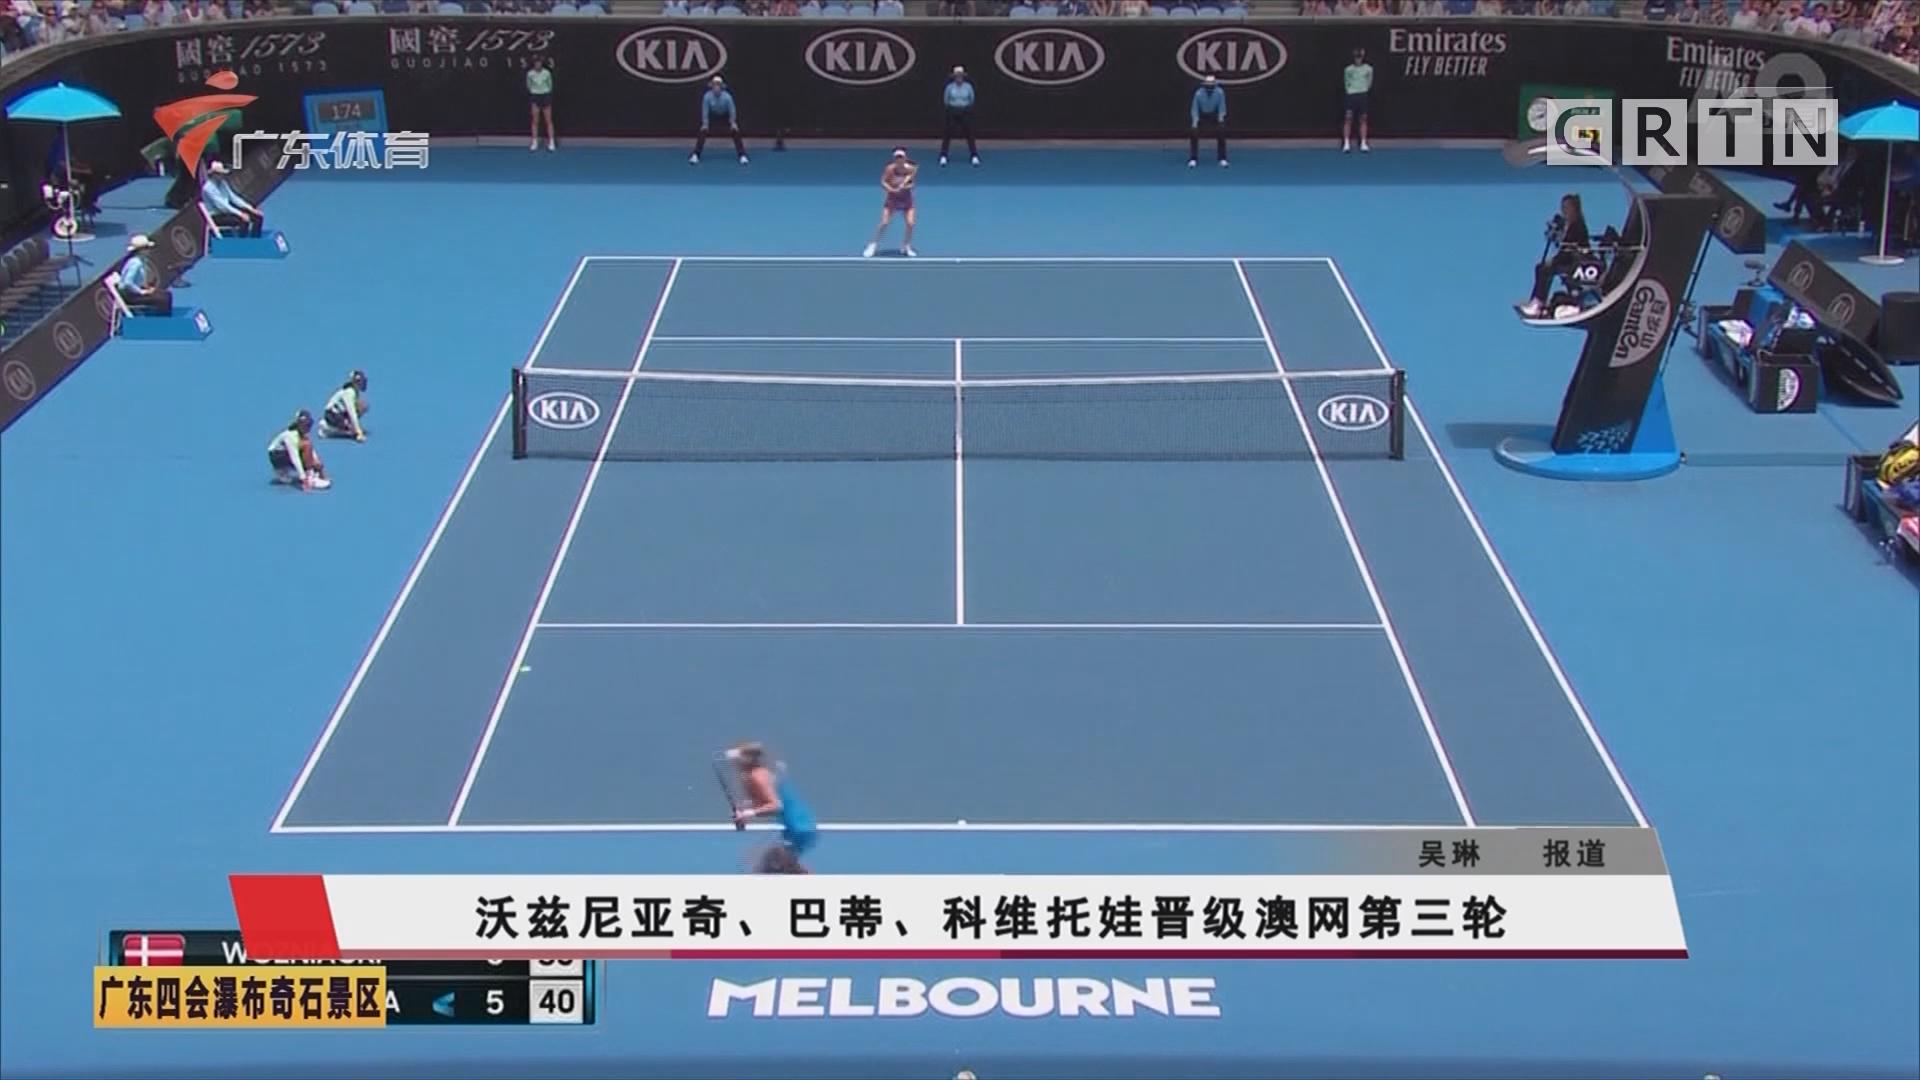 沃兹尼亚奇、巴蒂、科维托娃晋级澳网第三轮